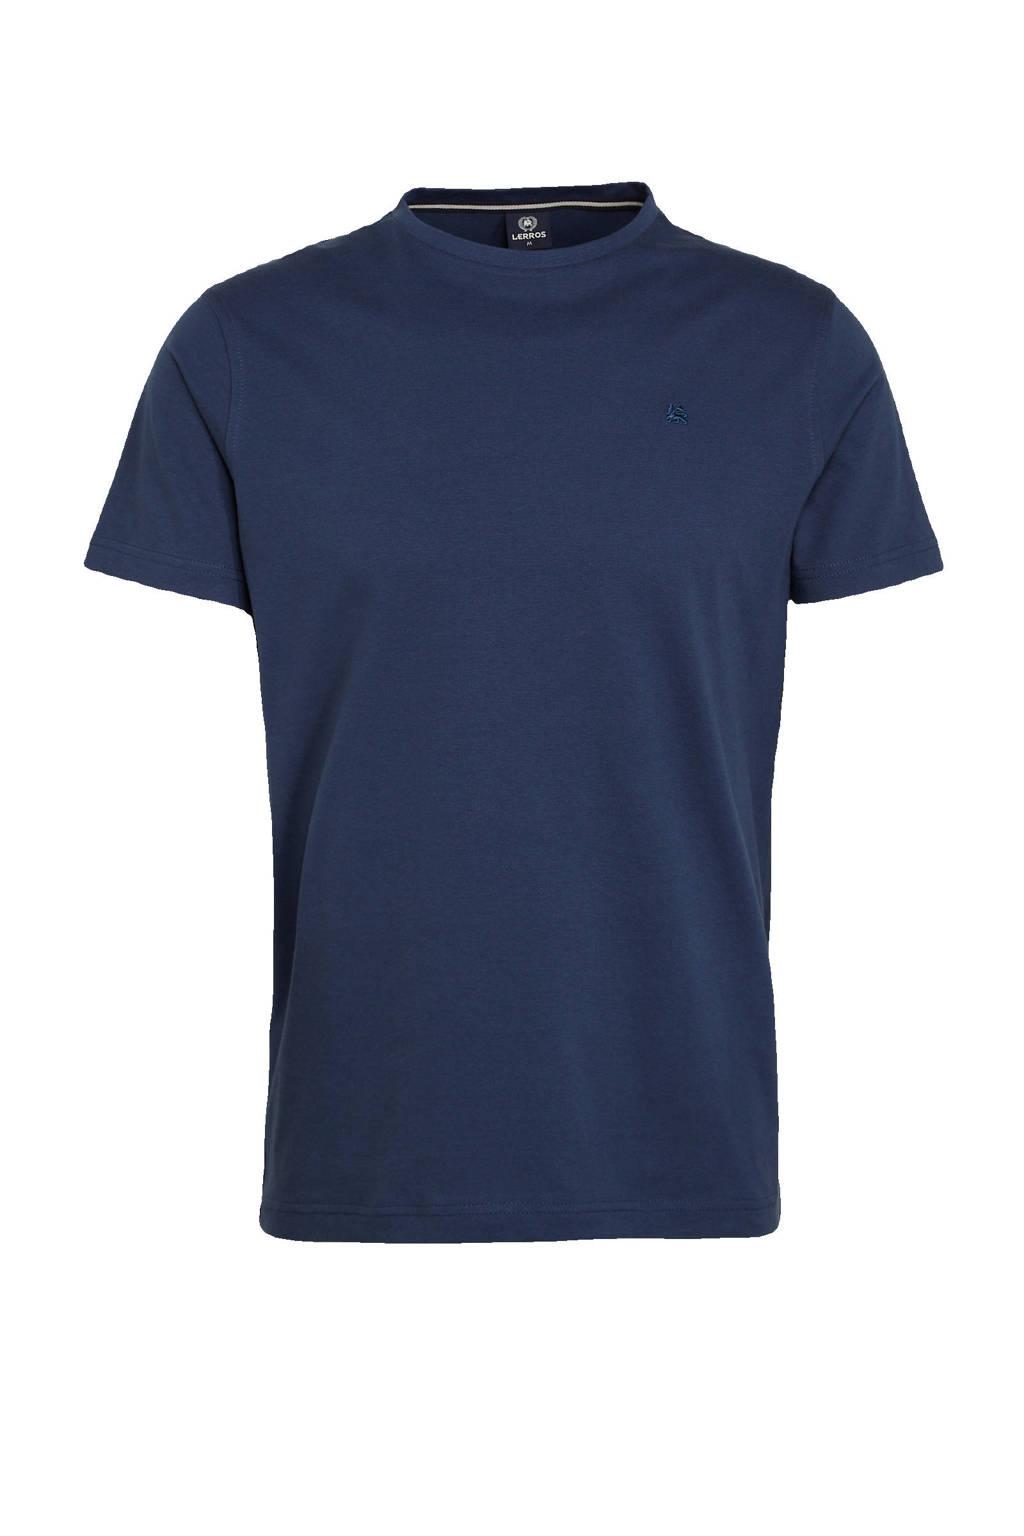 LERROS T-shirt donkerblauw, Donkerblauw